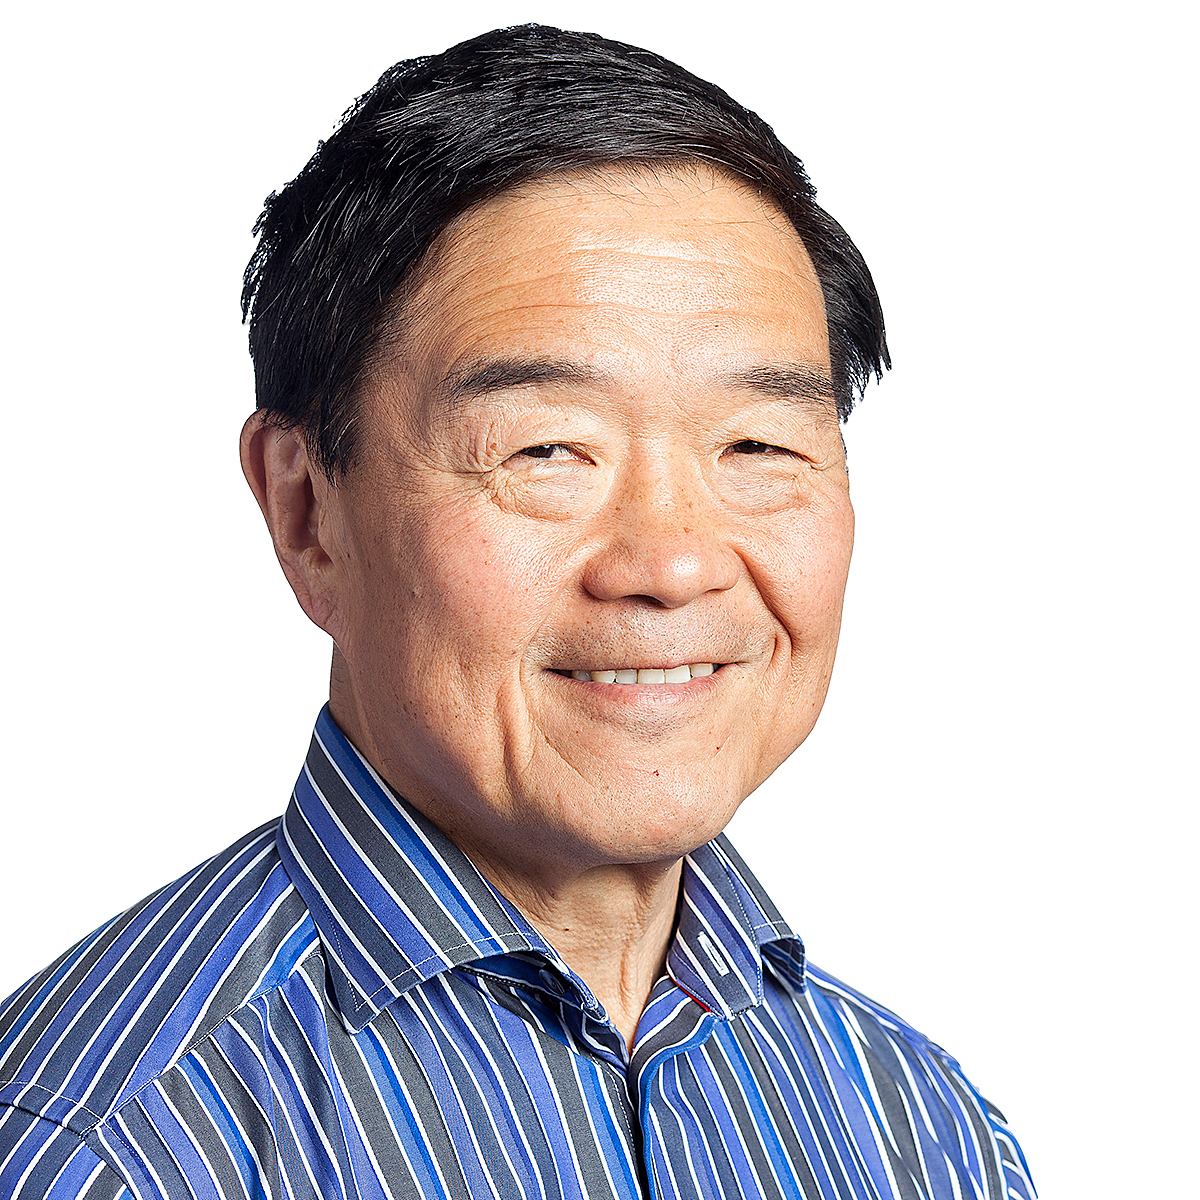 Andy Fujimoto